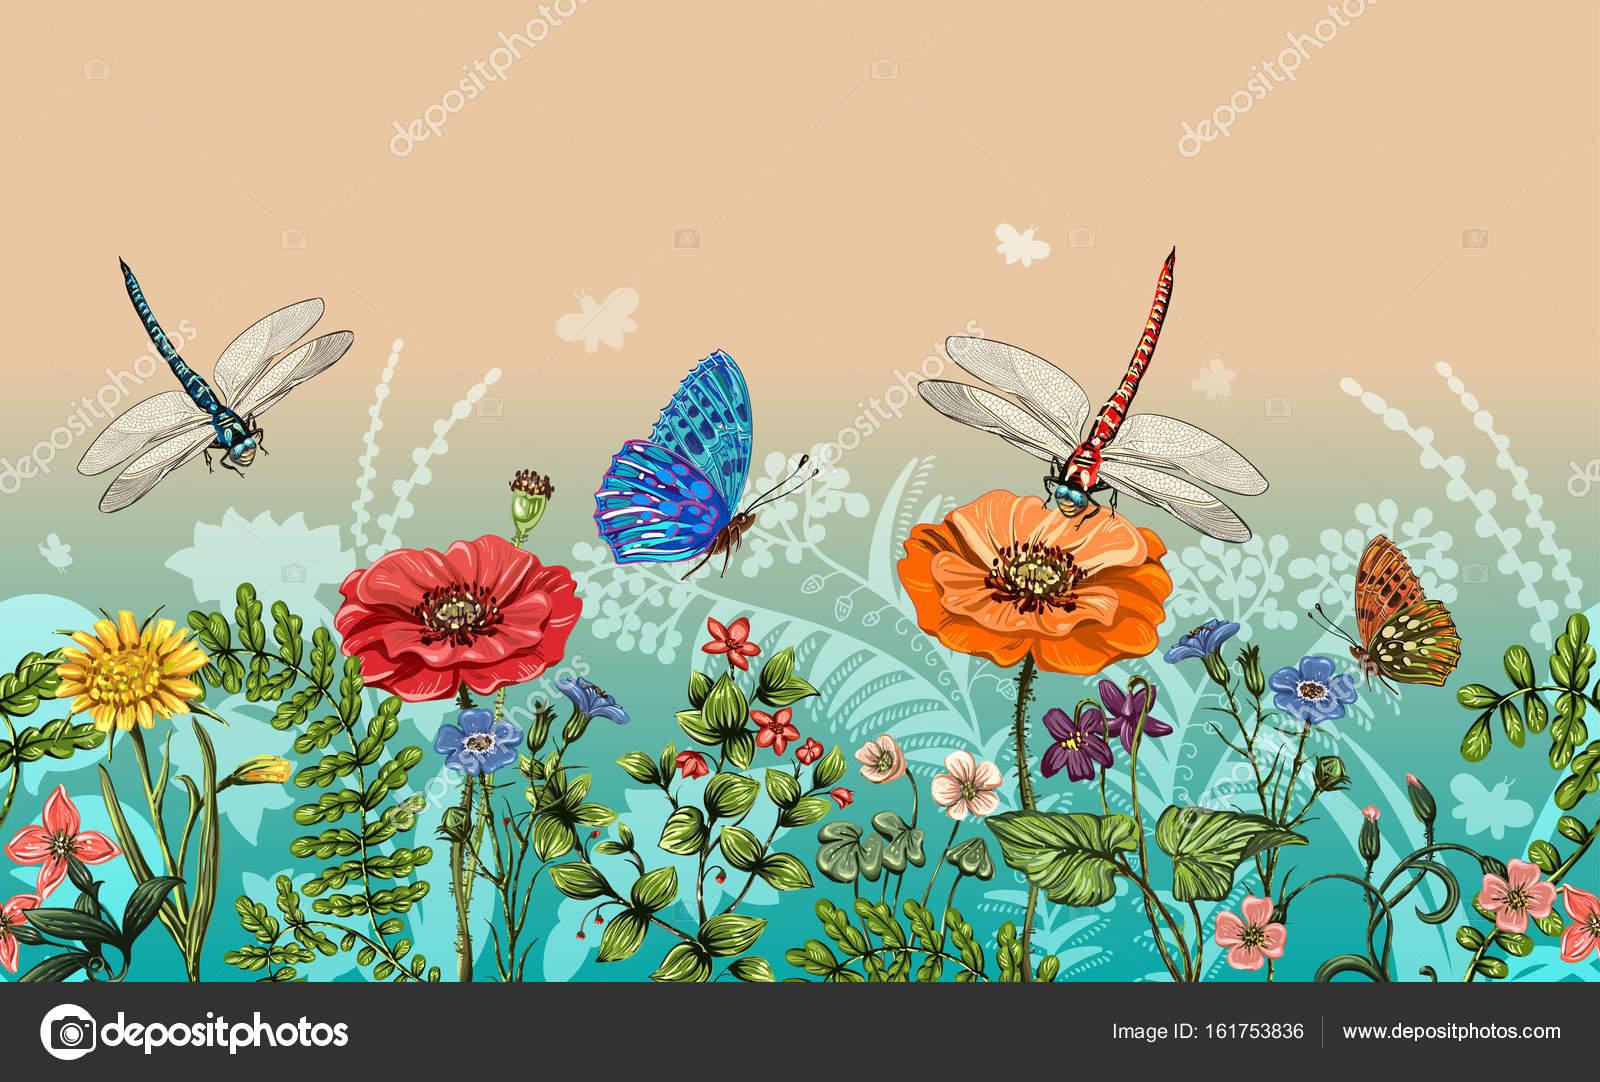 Бабочки стрекозы: картинки и фото стрекозы и цветы, скачать 41